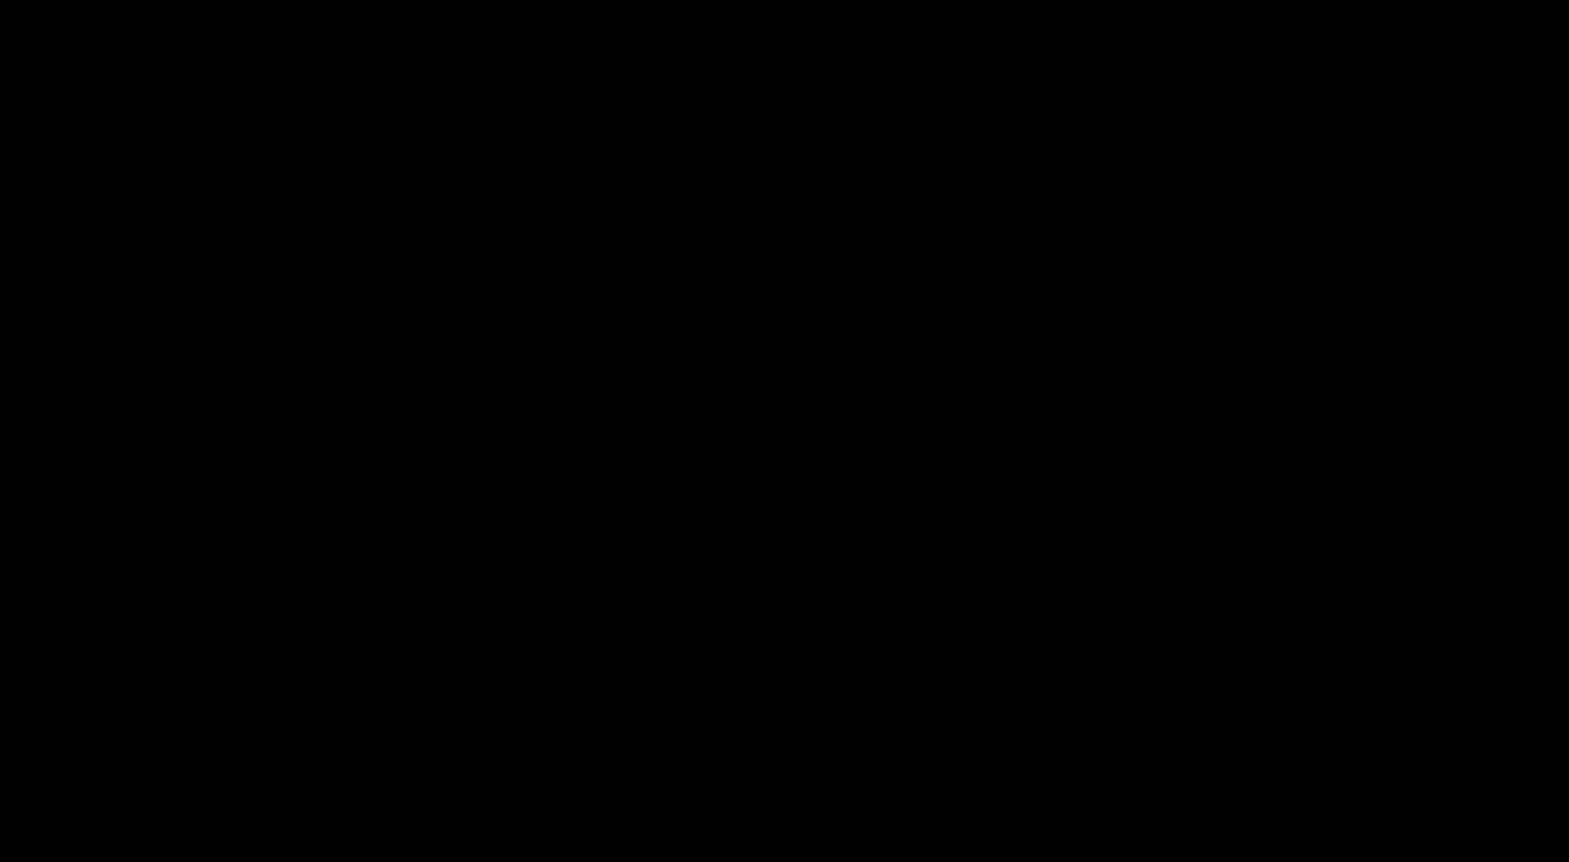 captura-de-pantalla-2017-01-08-a-las-12.04.51